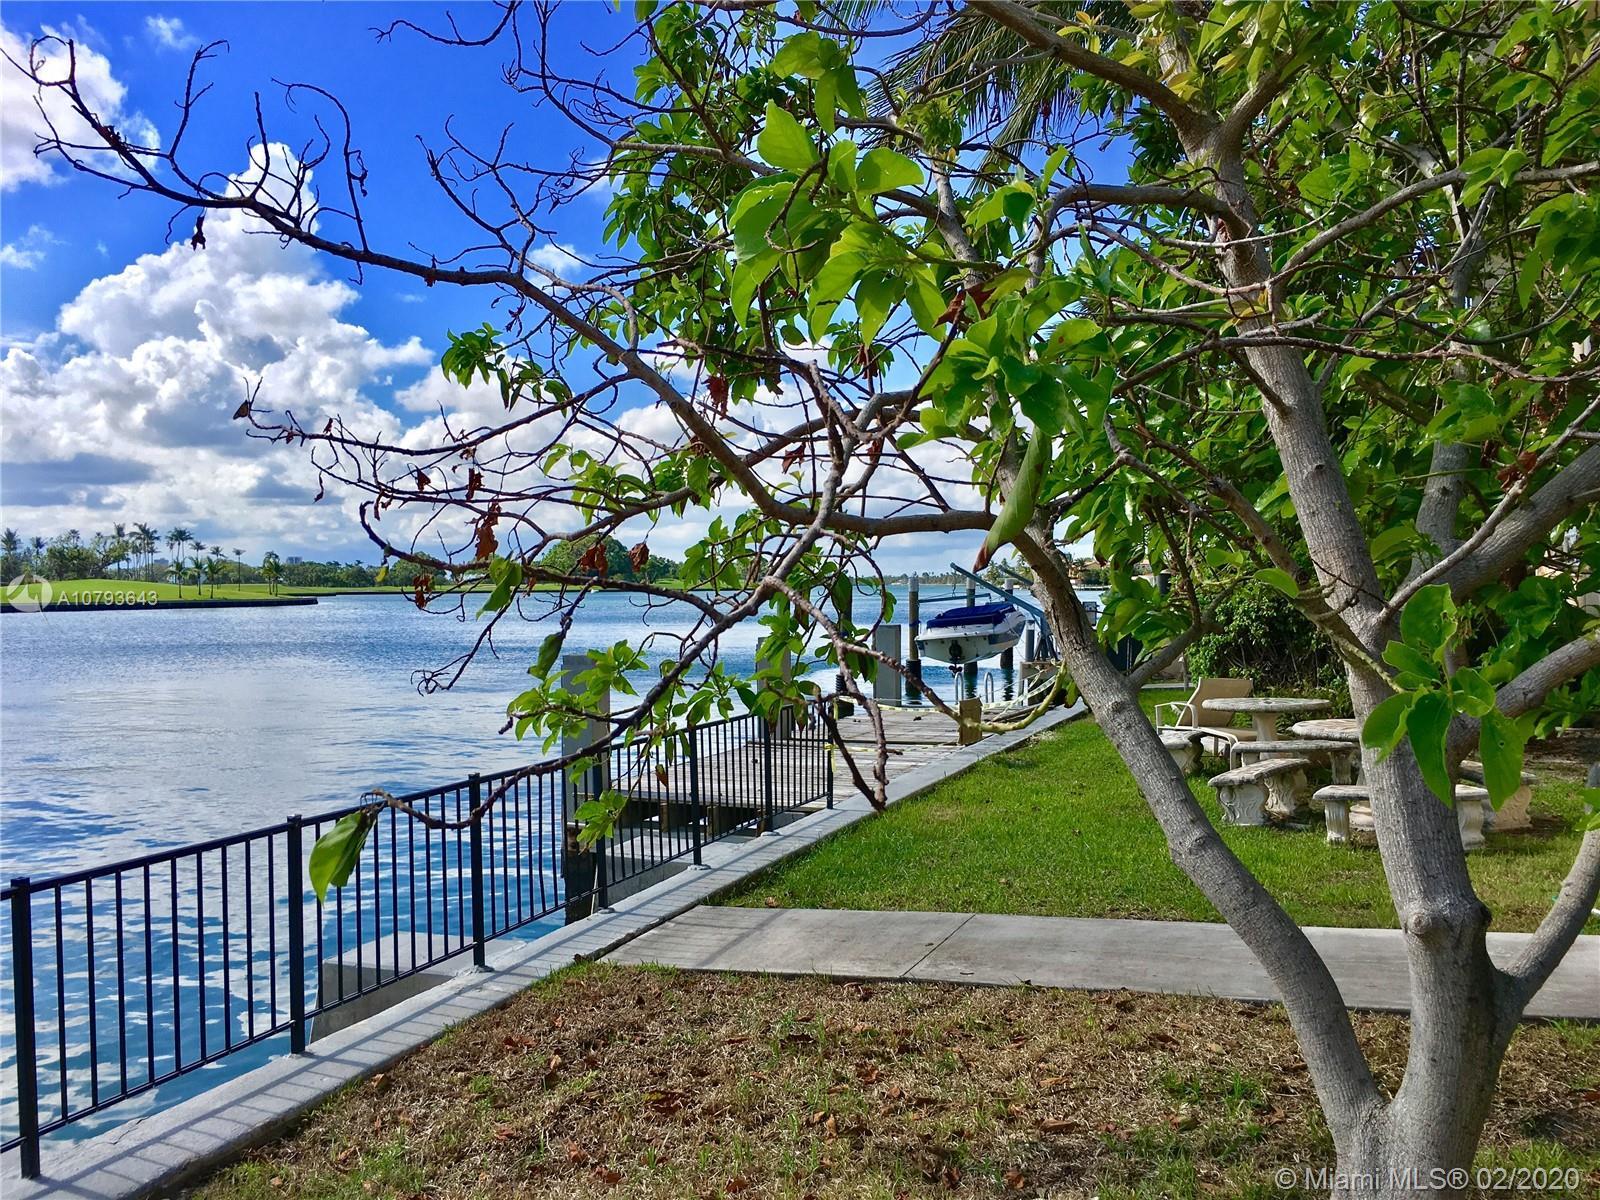 9110 W Bay Harbor Dr, Bay Harbor Islands, FL 33154 - Bay Harbor Islands, FL real estate listing